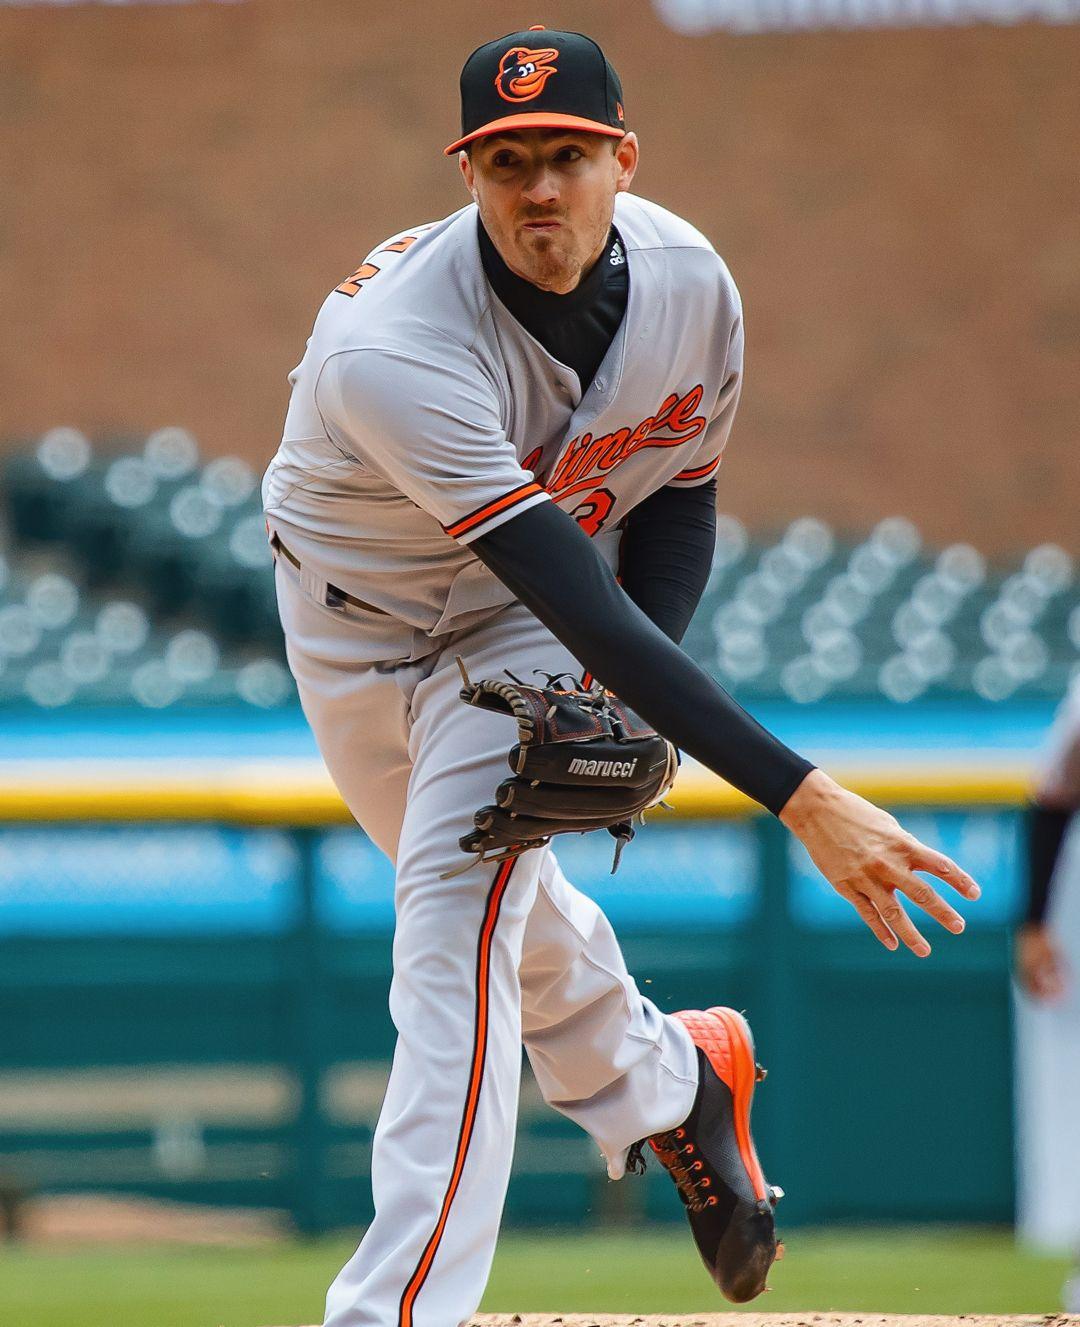 Kevin Gausmans Line Today In Detroit 6 0 Ip 9 H 2 Er 0 Bb 4 K Baltimore Orioles Orioles Baseball